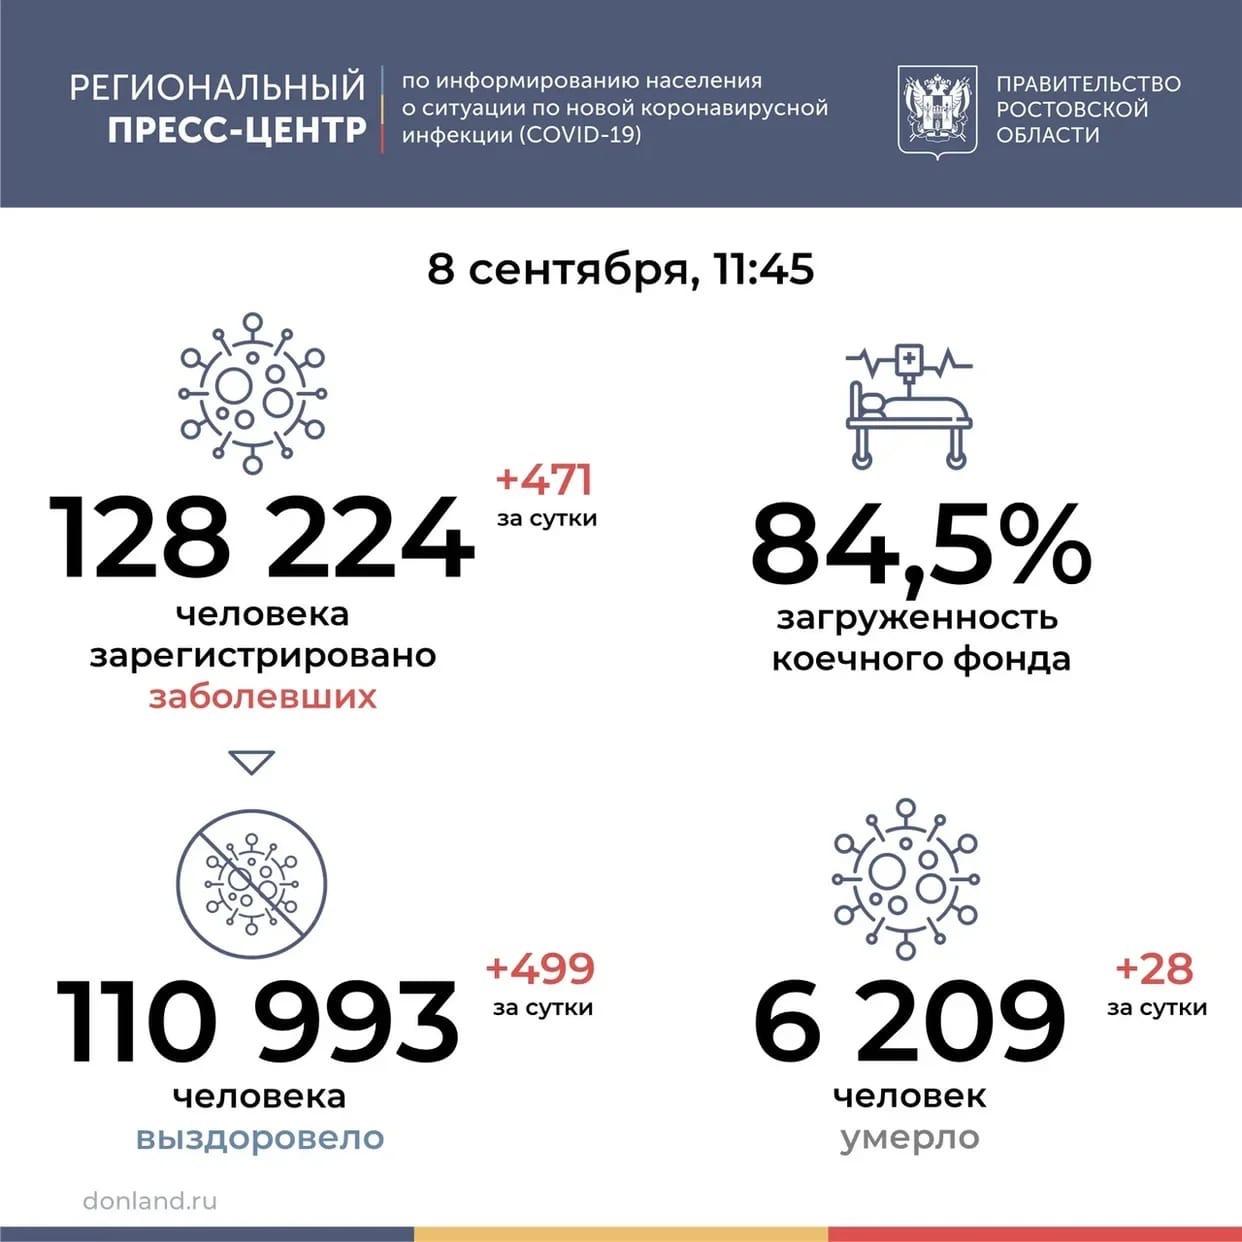 В Ростовской области от коронавируса снова умерли 28 человек